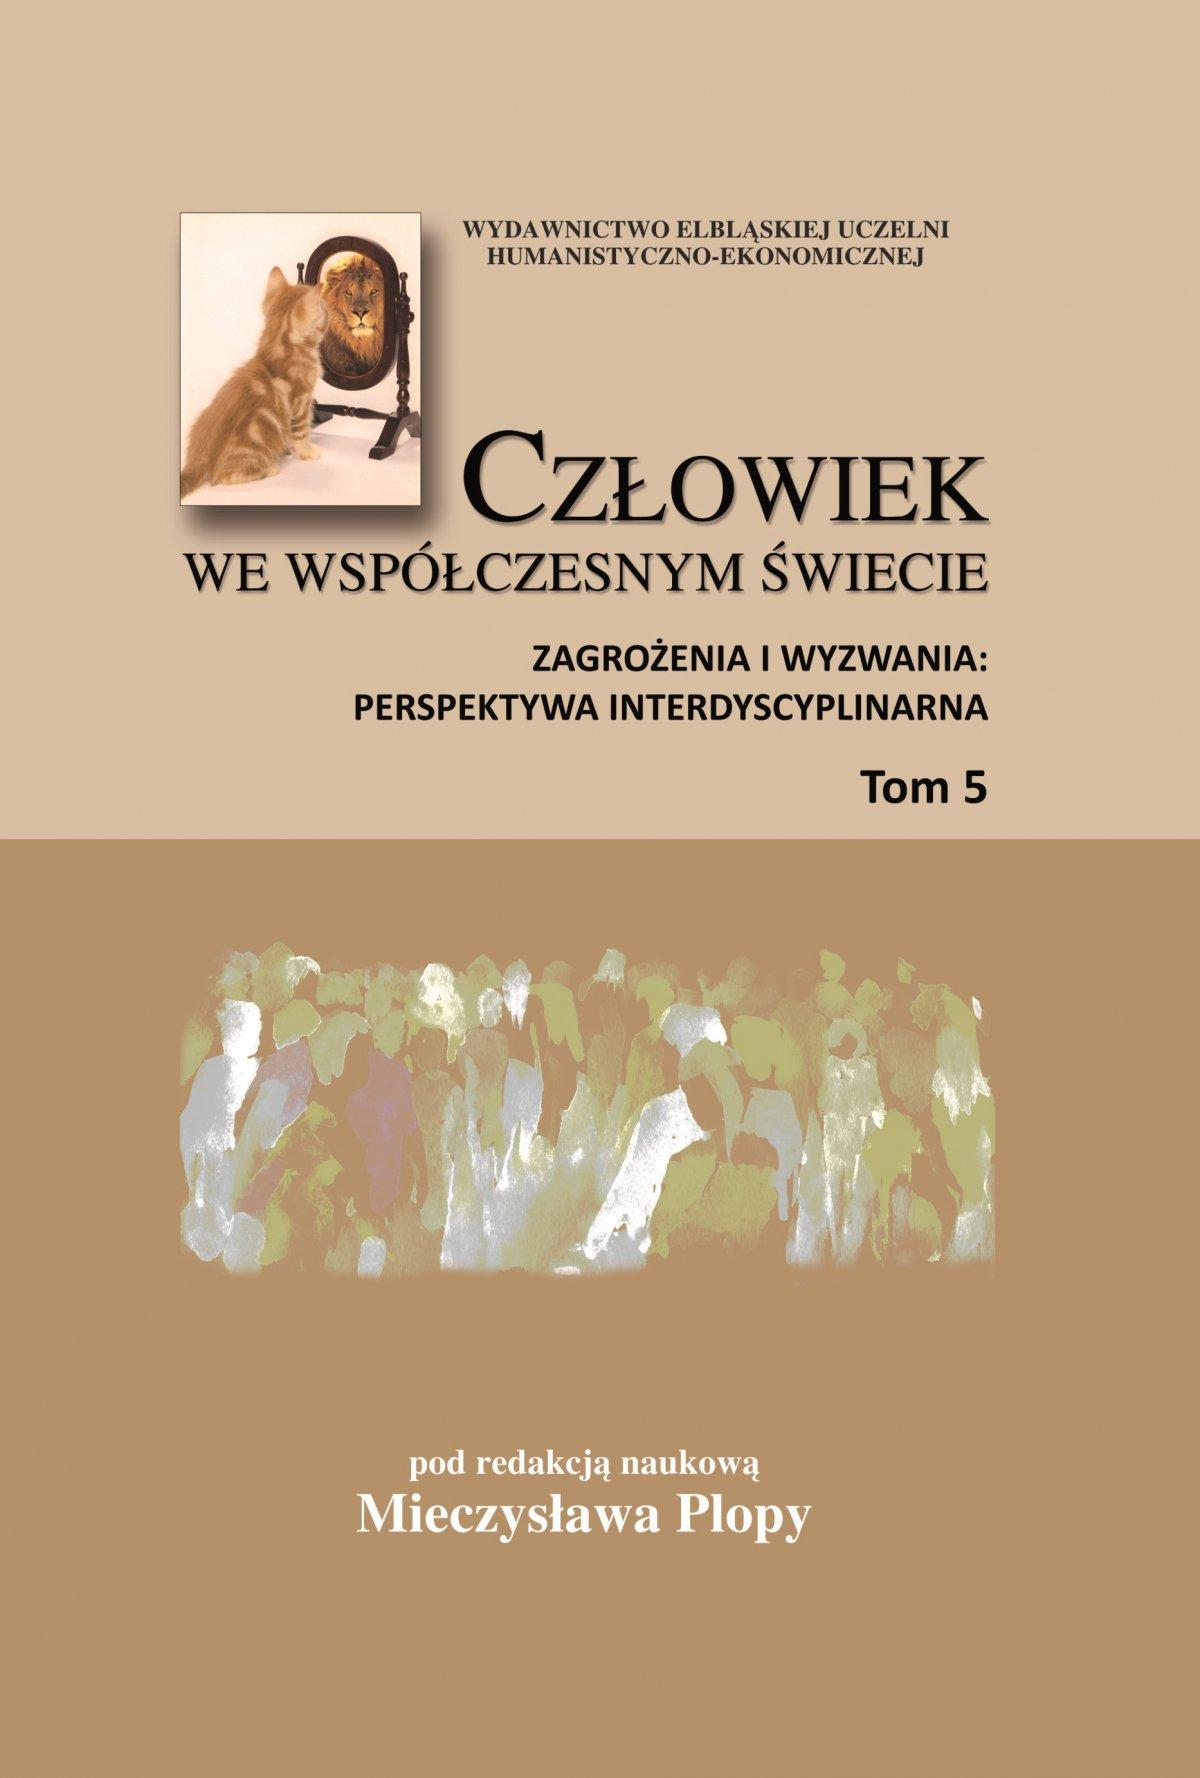 Człowiek we współczesnym świecie. Zagrożenia i wyzwania: perspektywa interdyscyplinarna. Tom 5 - Ebook (Książka EPUB) do pobrania w formacie EPUB